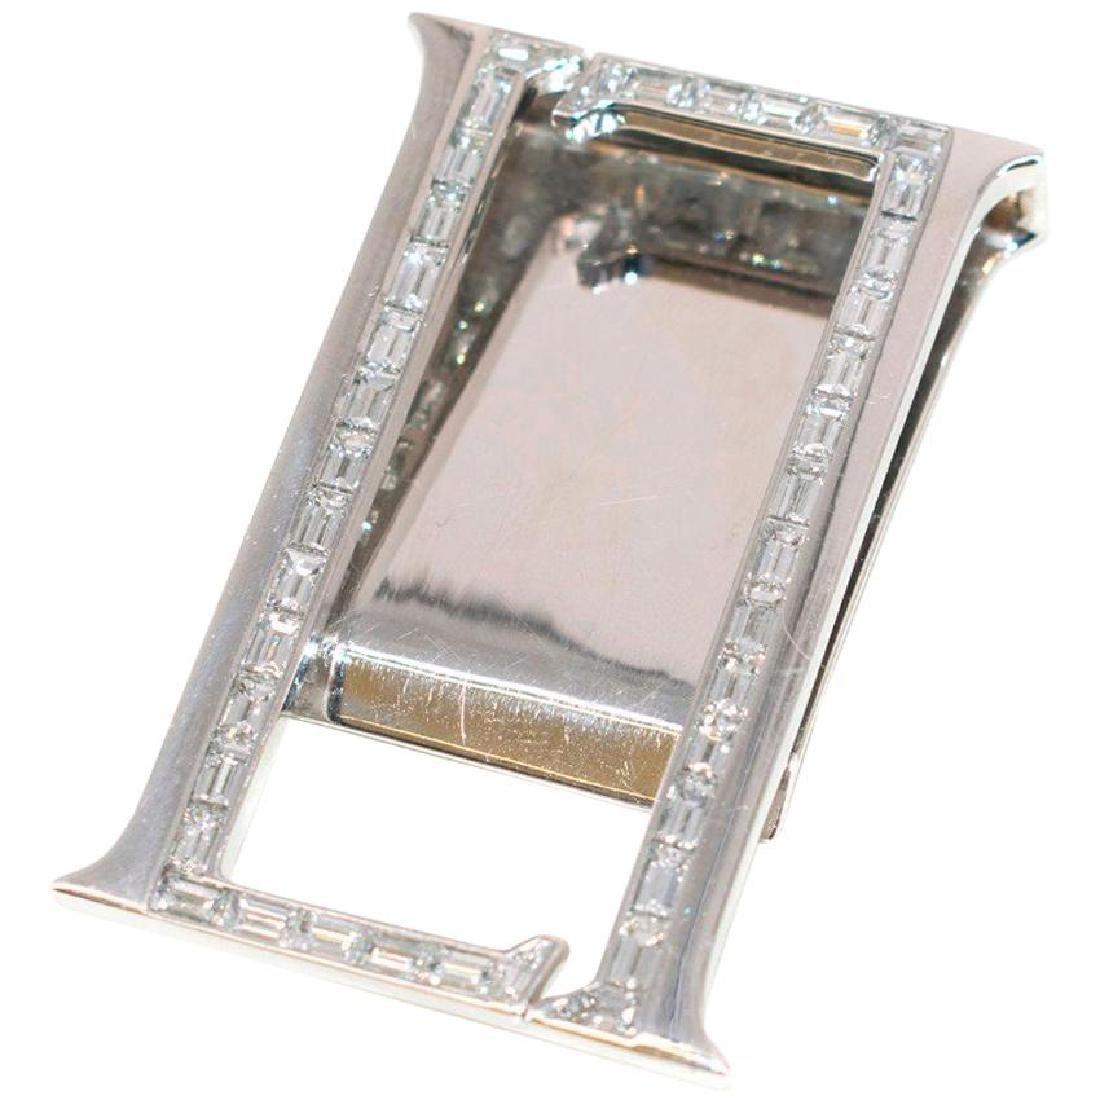 Leviev White Gold Baguette Cut Diamond Money Clip